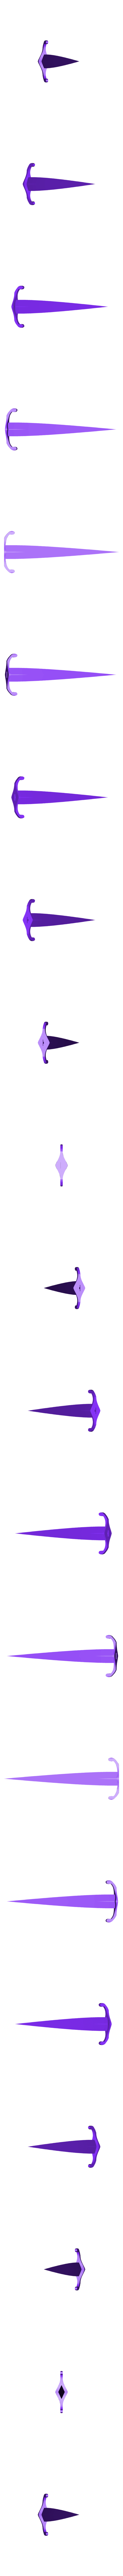 Large_Volume_blade.stl Download free STL file V for Vendetta Dagger New and Improved • 3D printer model, stensethjeremy